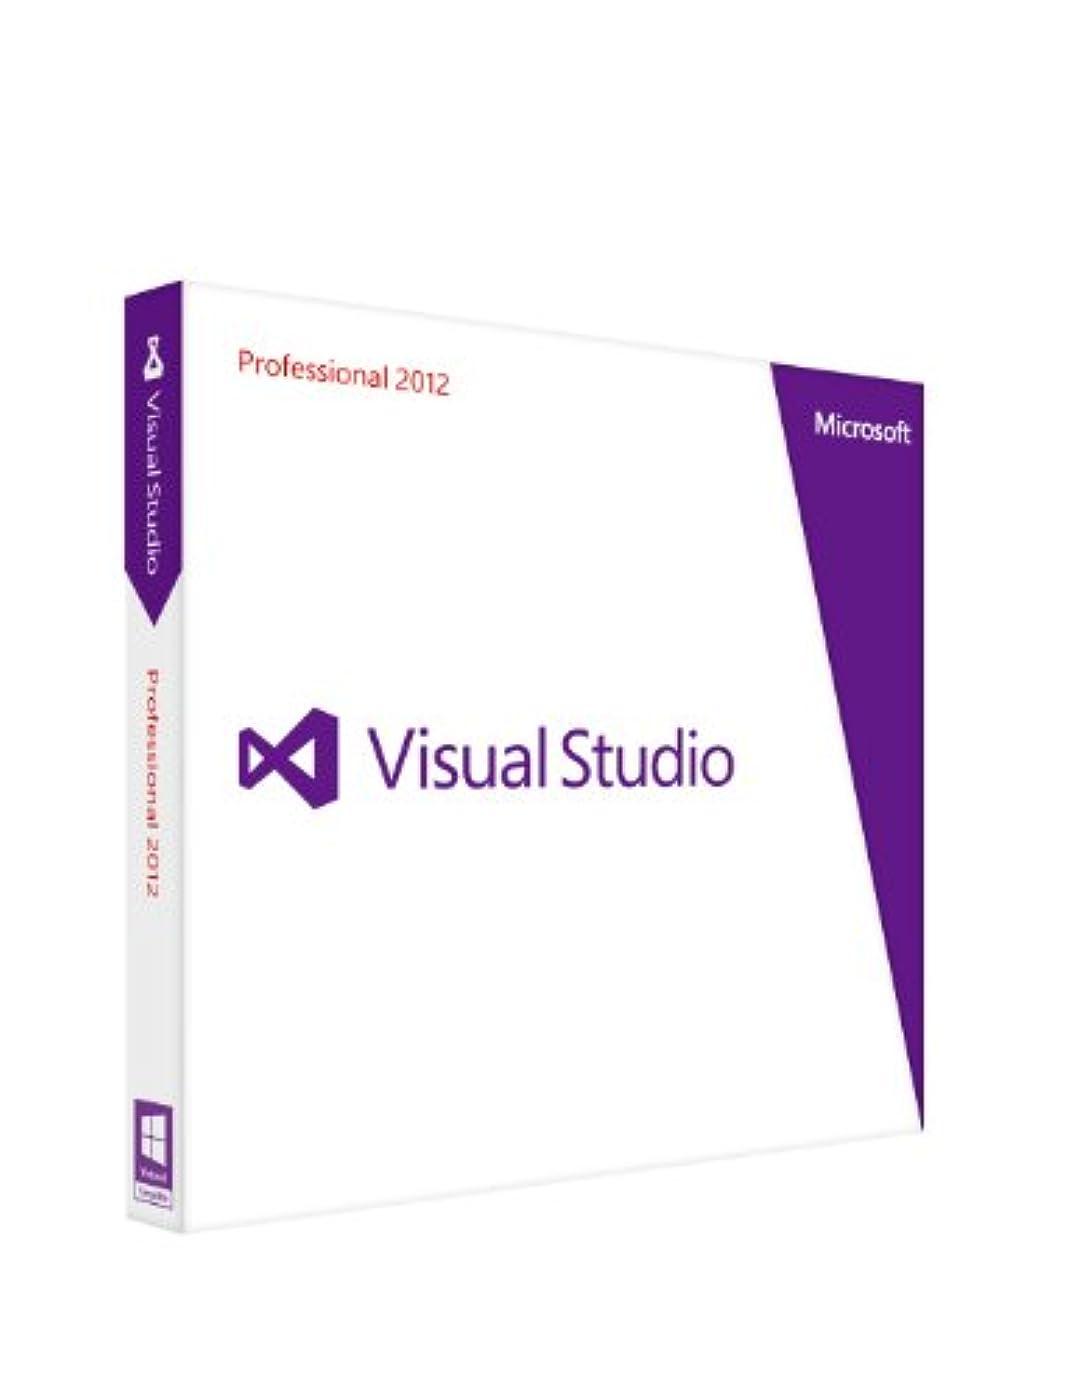 把握促す整然としたMicrosoft Visual Studio Professional 2012 通常版